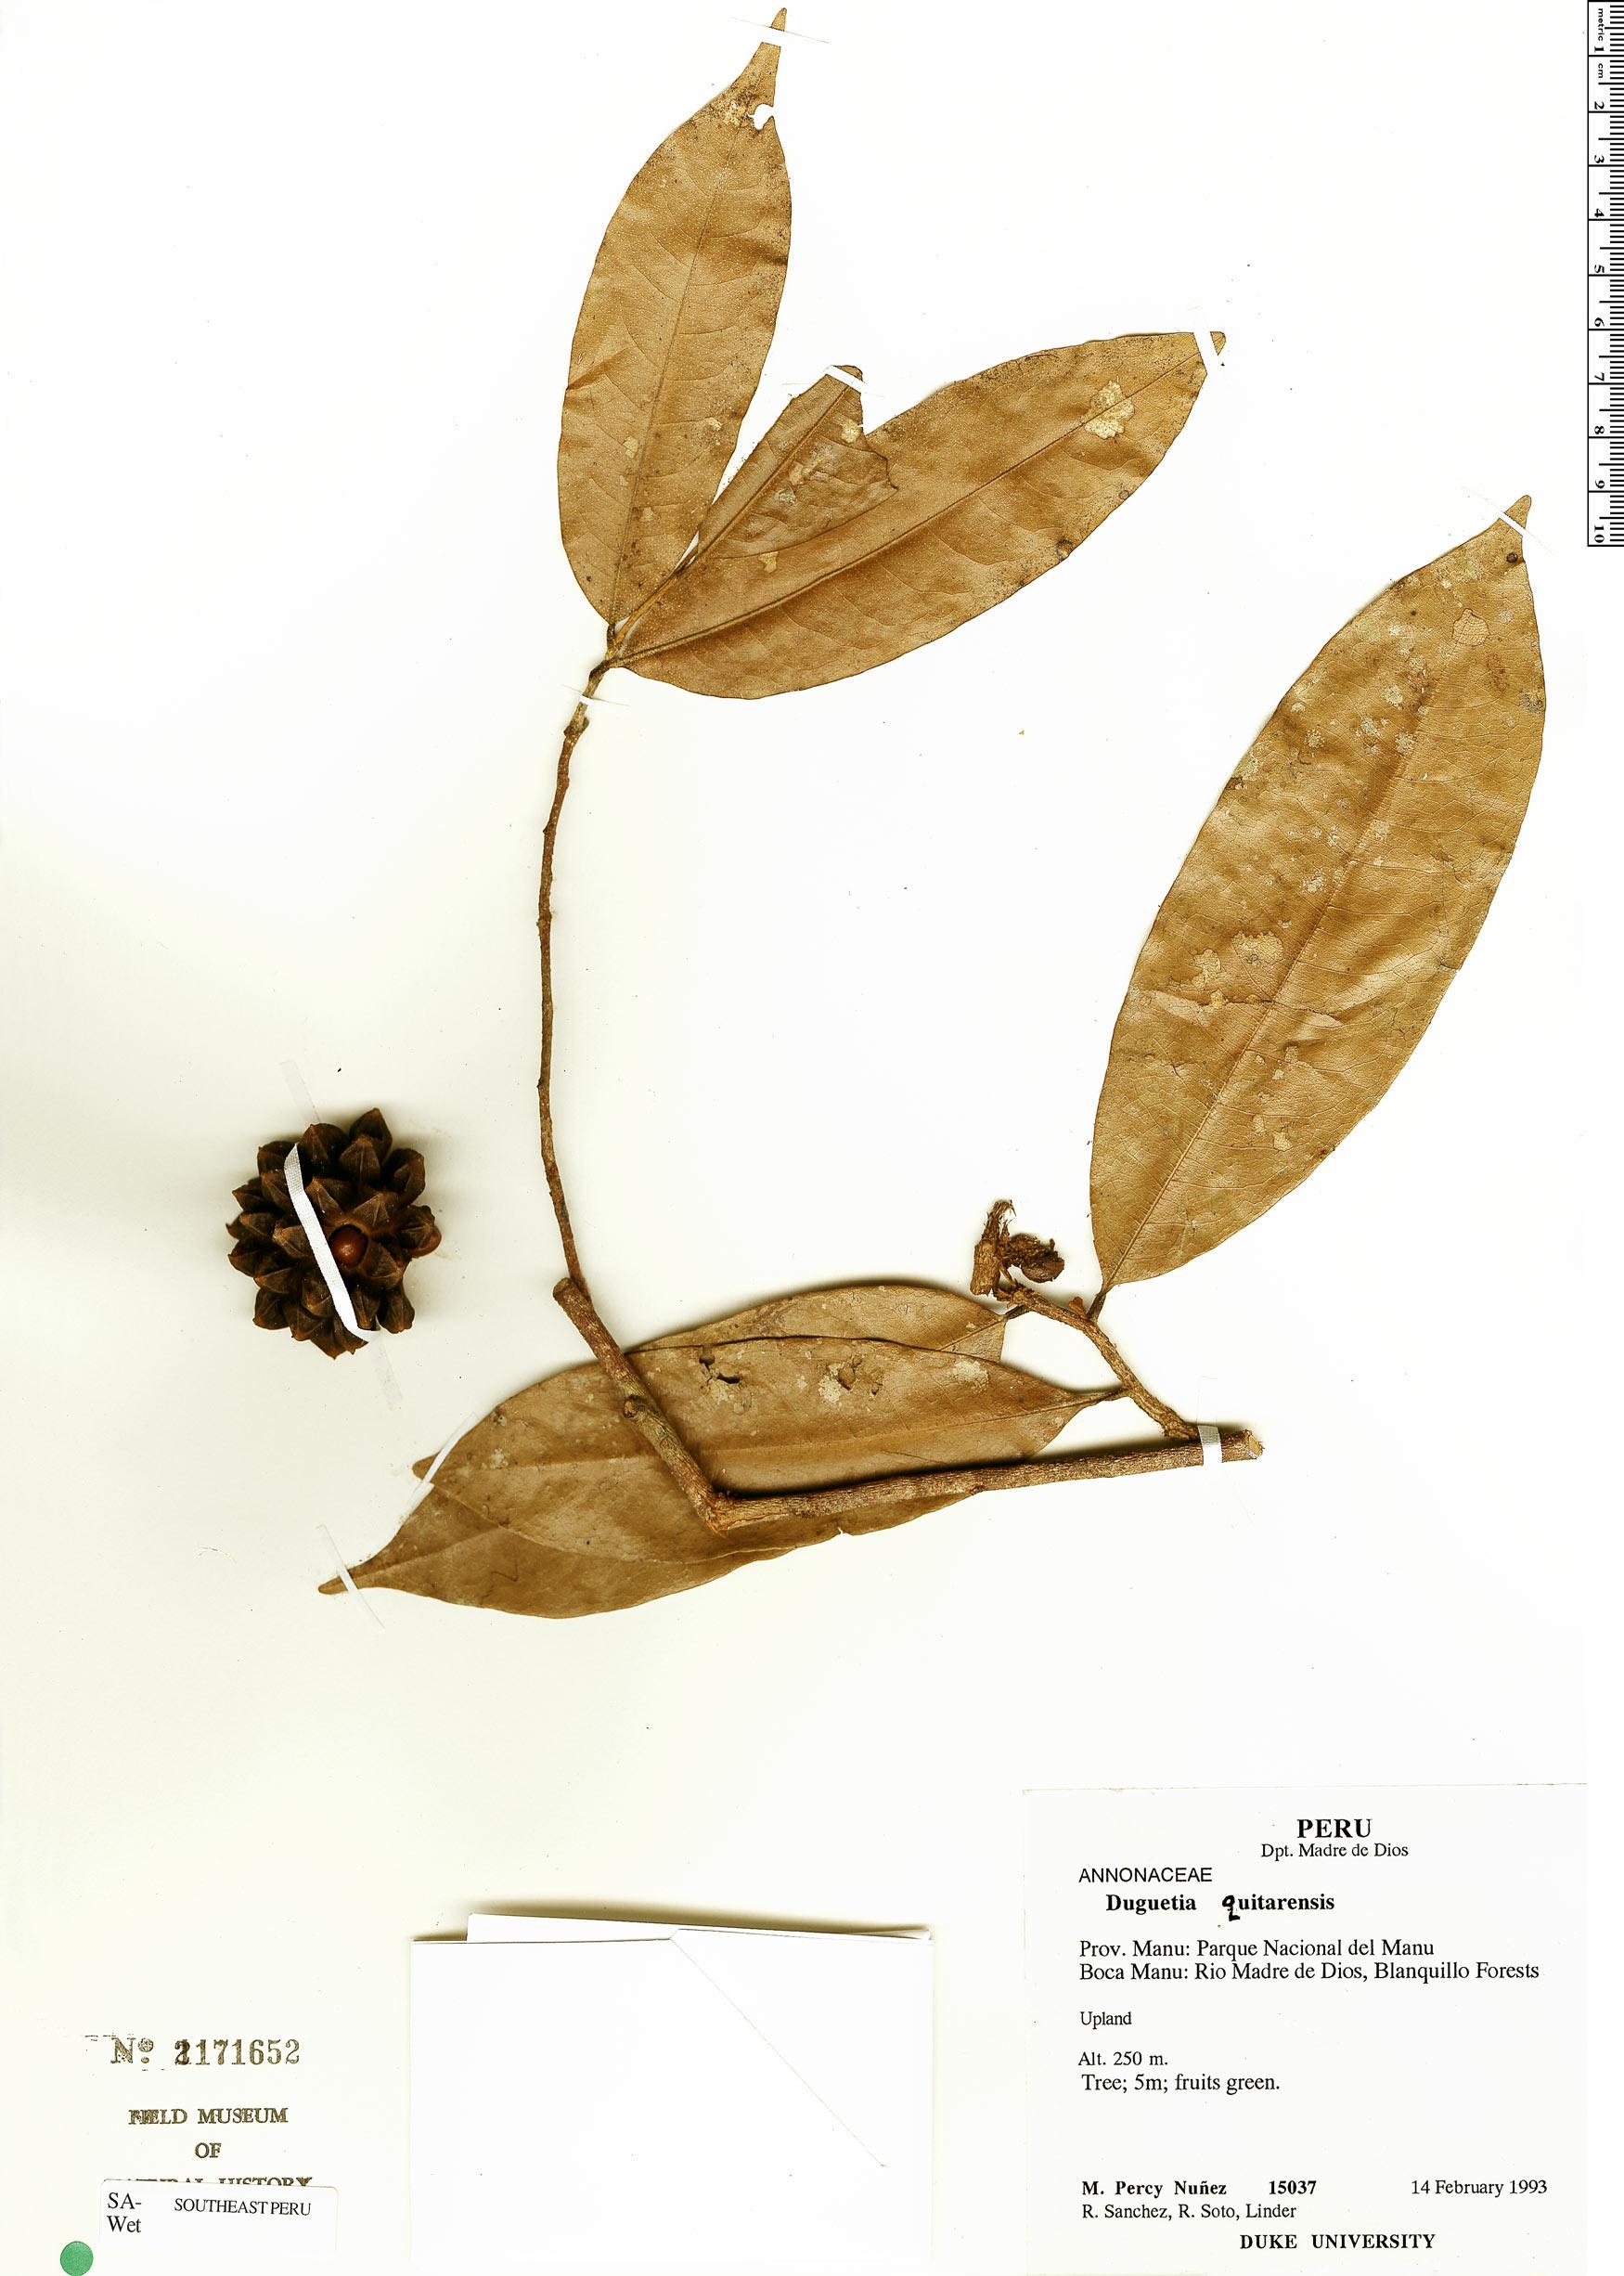 Specimen: Duguetia quitarensis